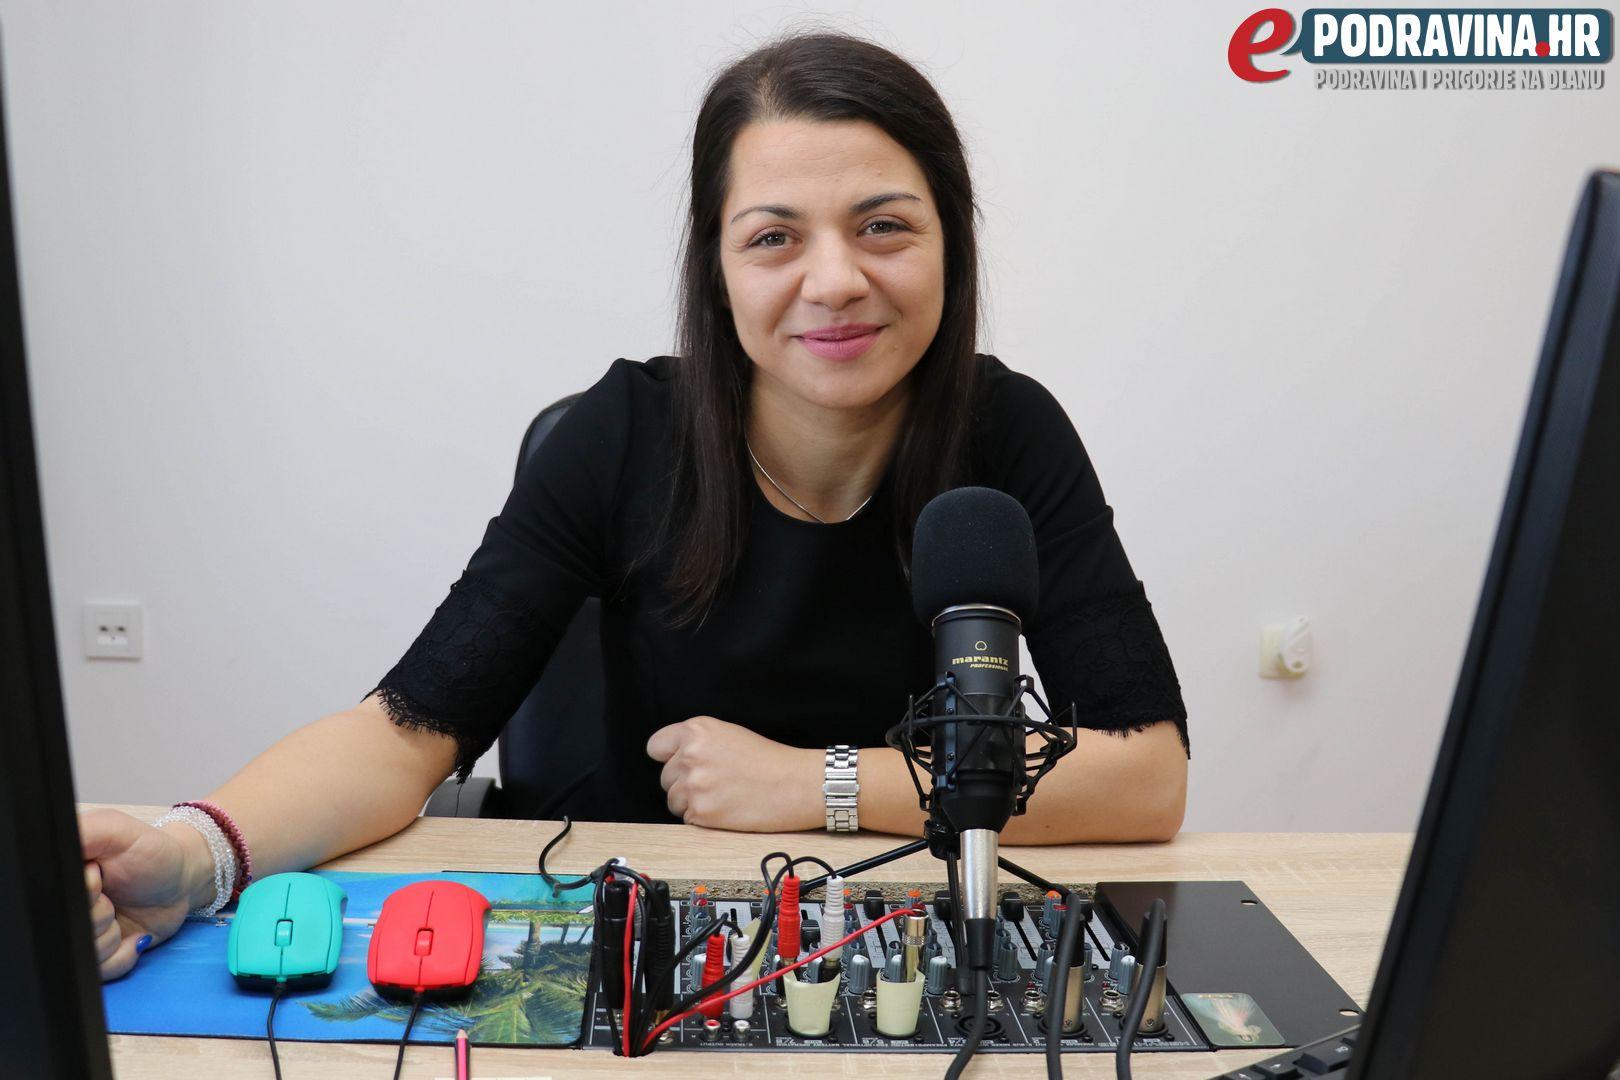 Vedri radio Pitomača // Foto: Matija Gudlin